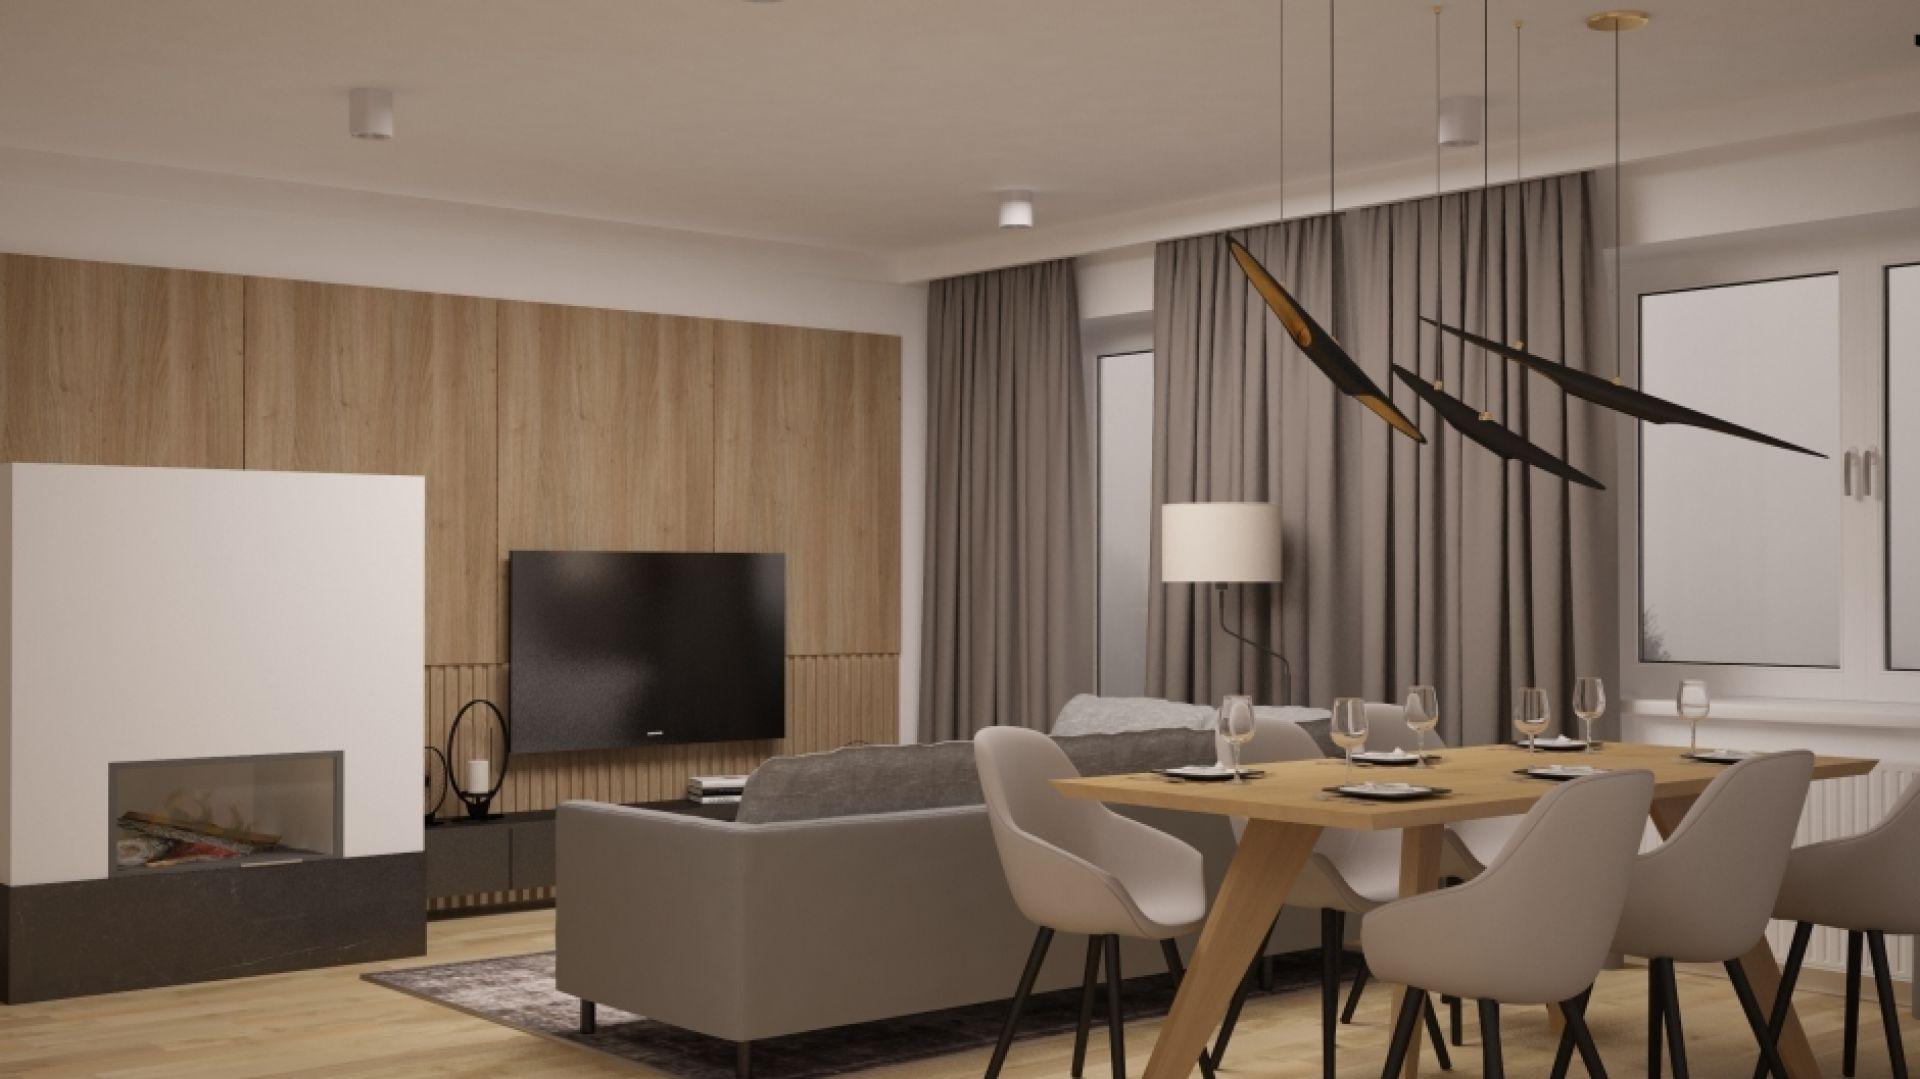 W salonie są sufitowe spoty, na stołem wiszą trzy przypominające ptaki lampy i jest jeszcze taśma LED, zainstalowana w drewnianej okładzinie ściany. Można więc jasno oświetlić całe pomieszczenie albo stworzyć sprzyjający relaksowi nastrojowy półmrok. Fot. Pracownia MGN